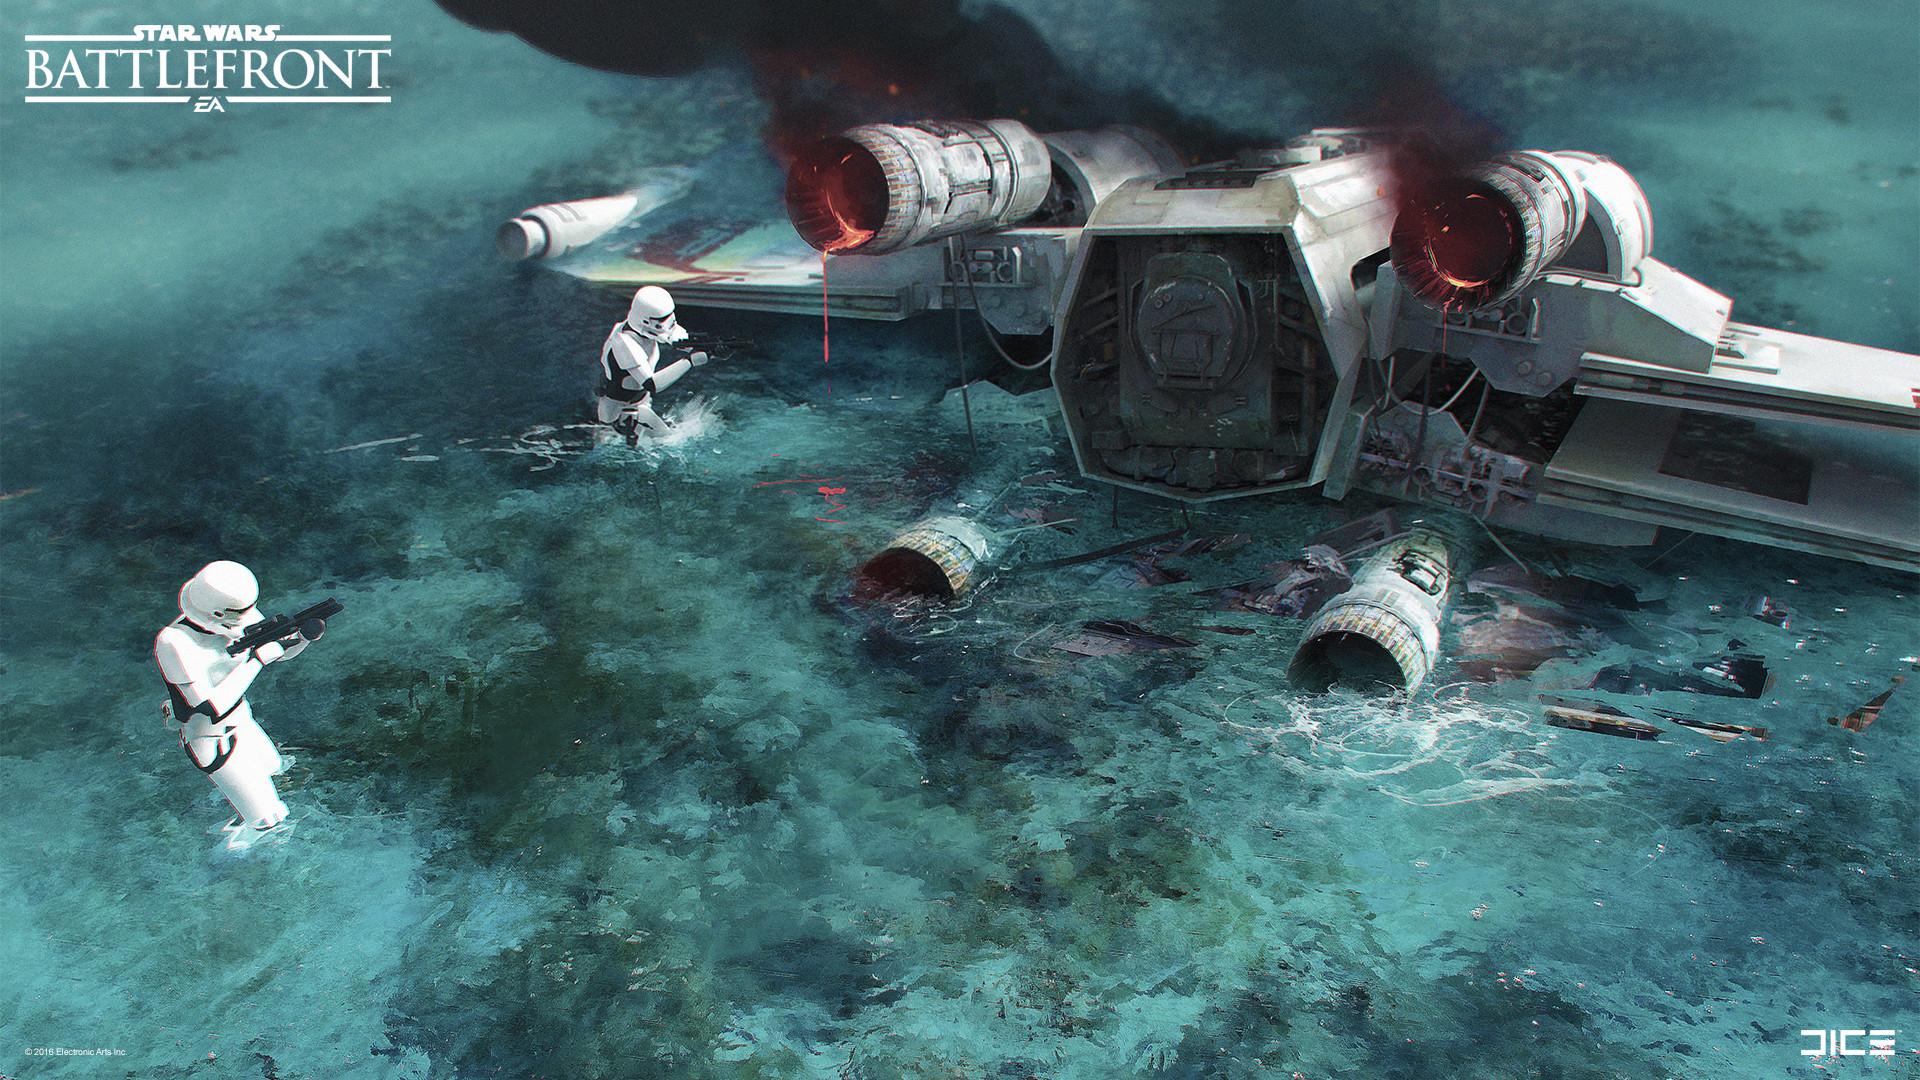 Koncepty z vývoje Star Wars: Battlefrontu ukazují některé nezrealizované prvky 140328